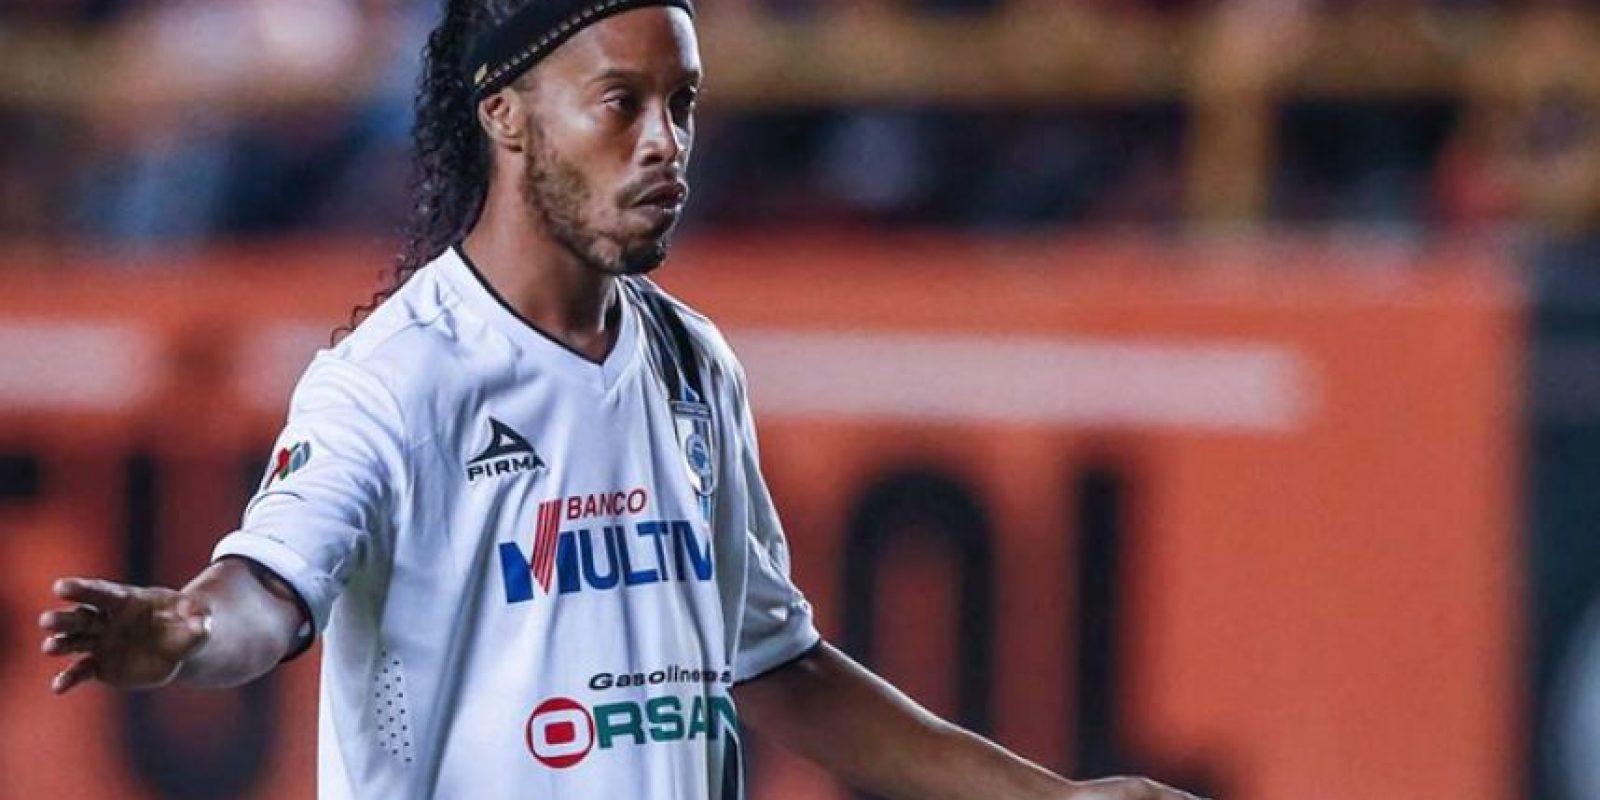 Solo ha visto actividad en 19 partidos desde que llegó en septiembre del año pasado Foto:Facebook: Ronaldinho Gaúcho